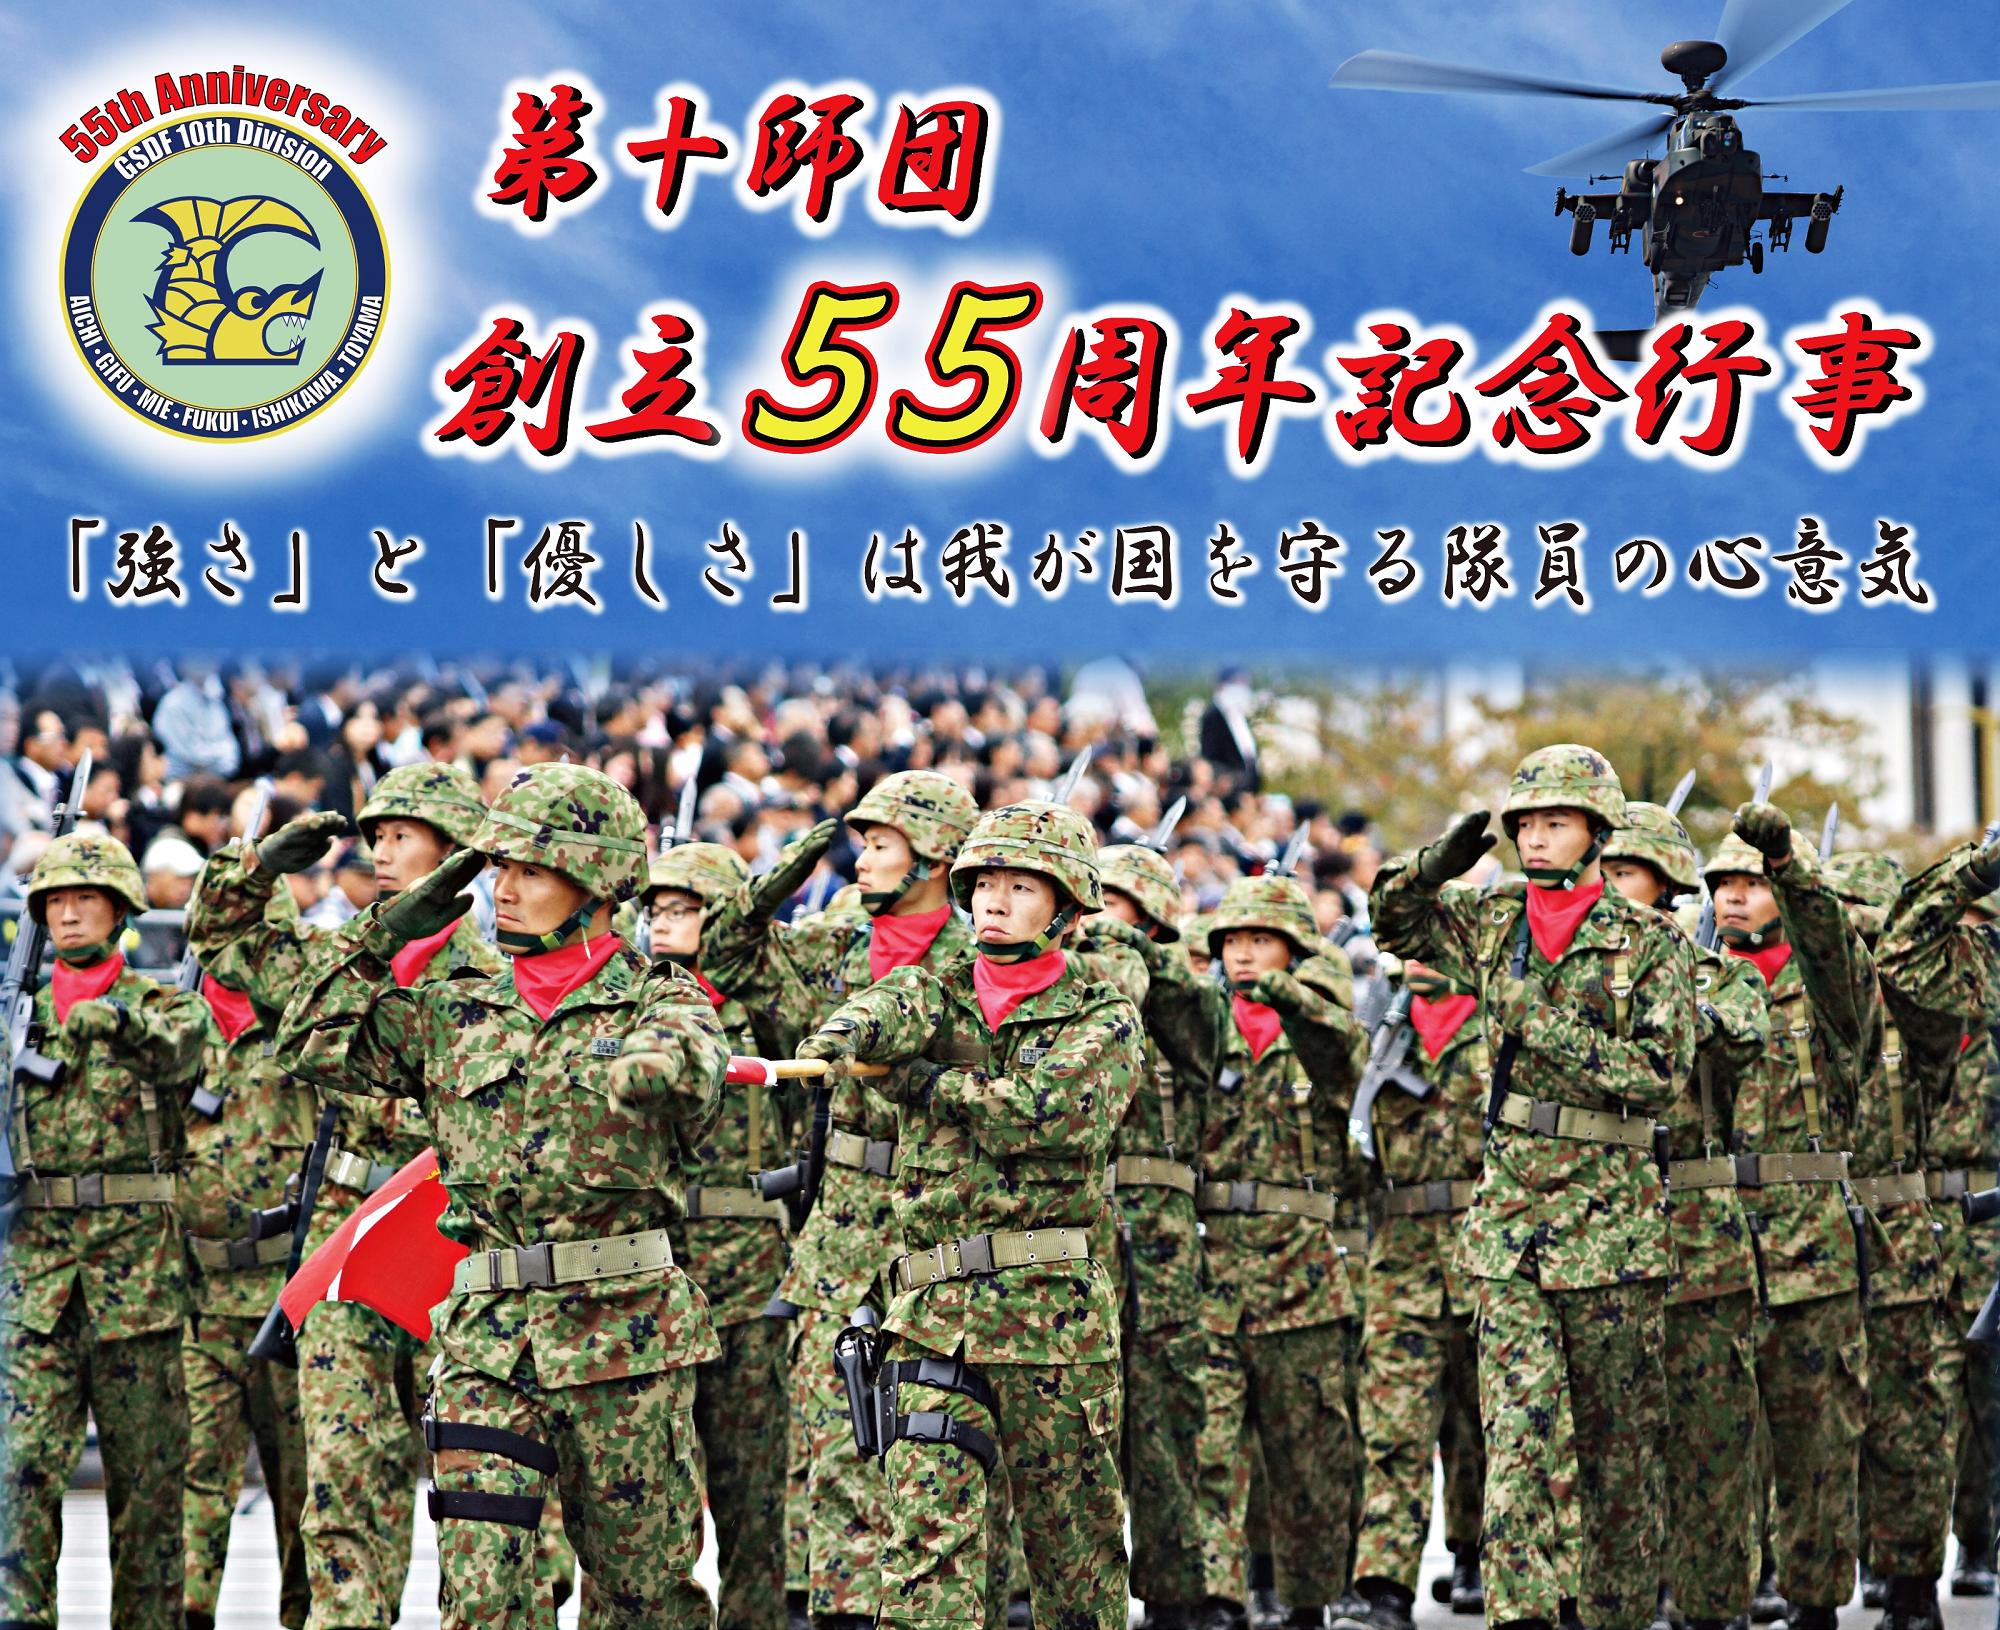 2017.10.28 陸上自衛隊第10師団創立55周年記念行事 (あ)